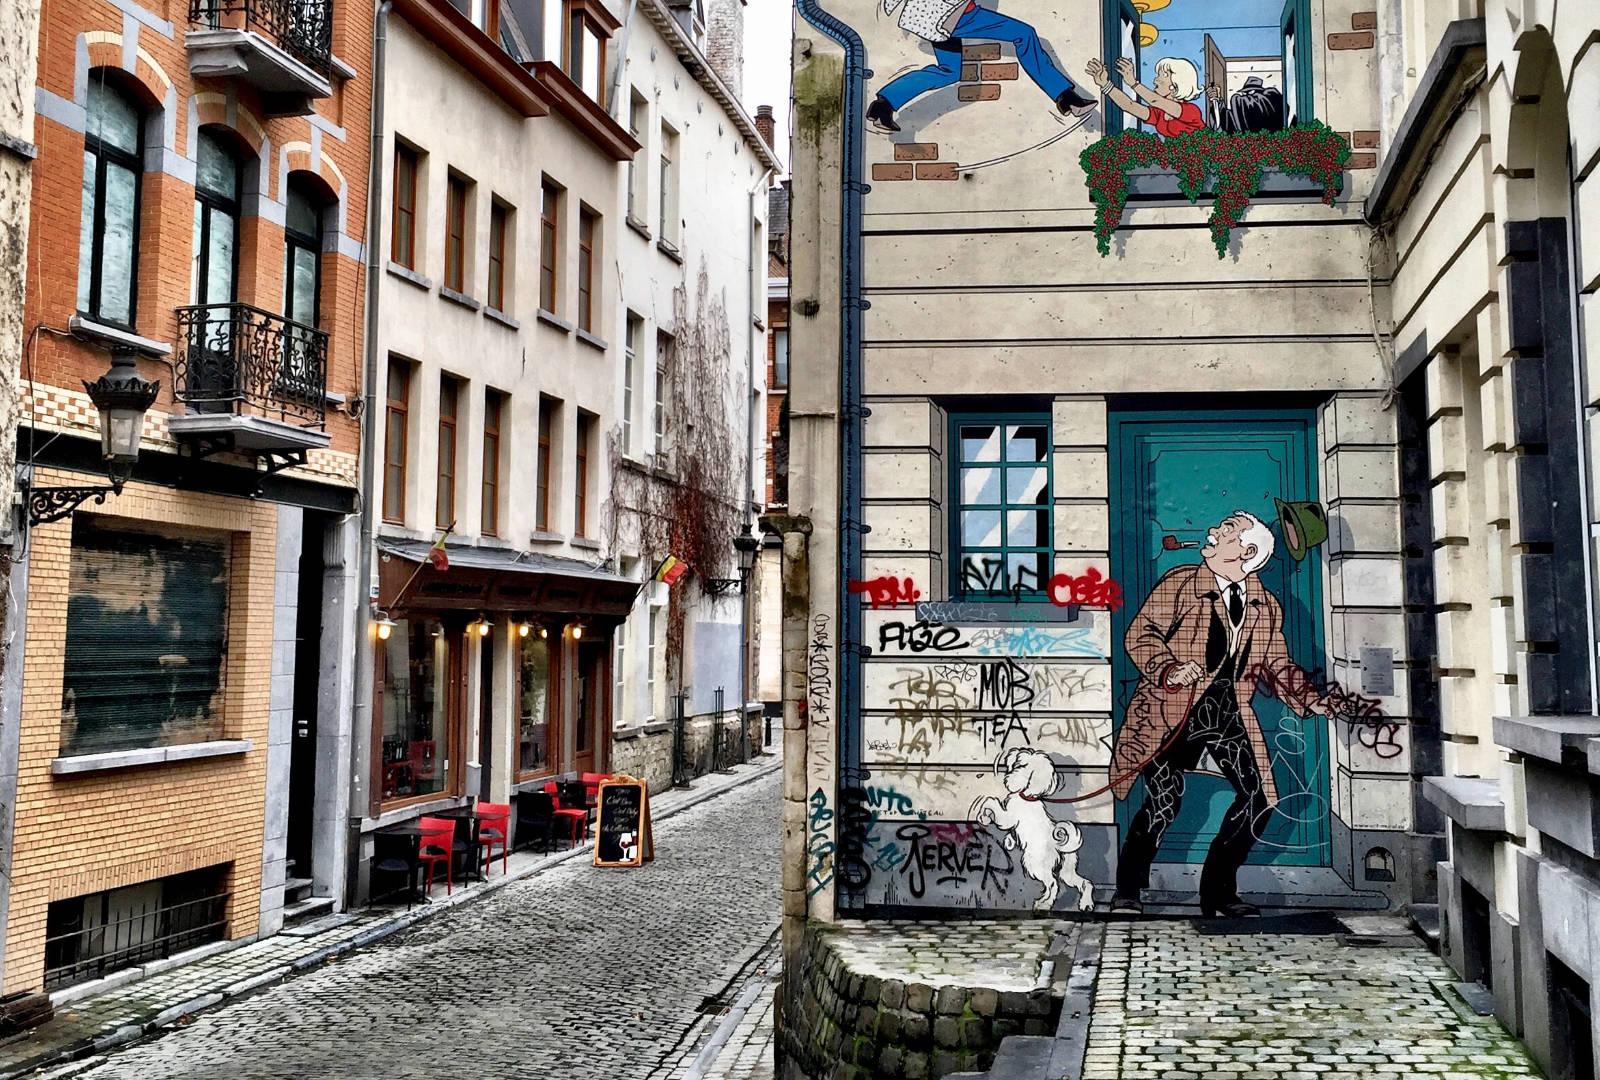 Inspirons le quartier 2021 : un nouvel appel à projets plus ambitieux à Bruxelles pour soutenir des actions citoyennes durables